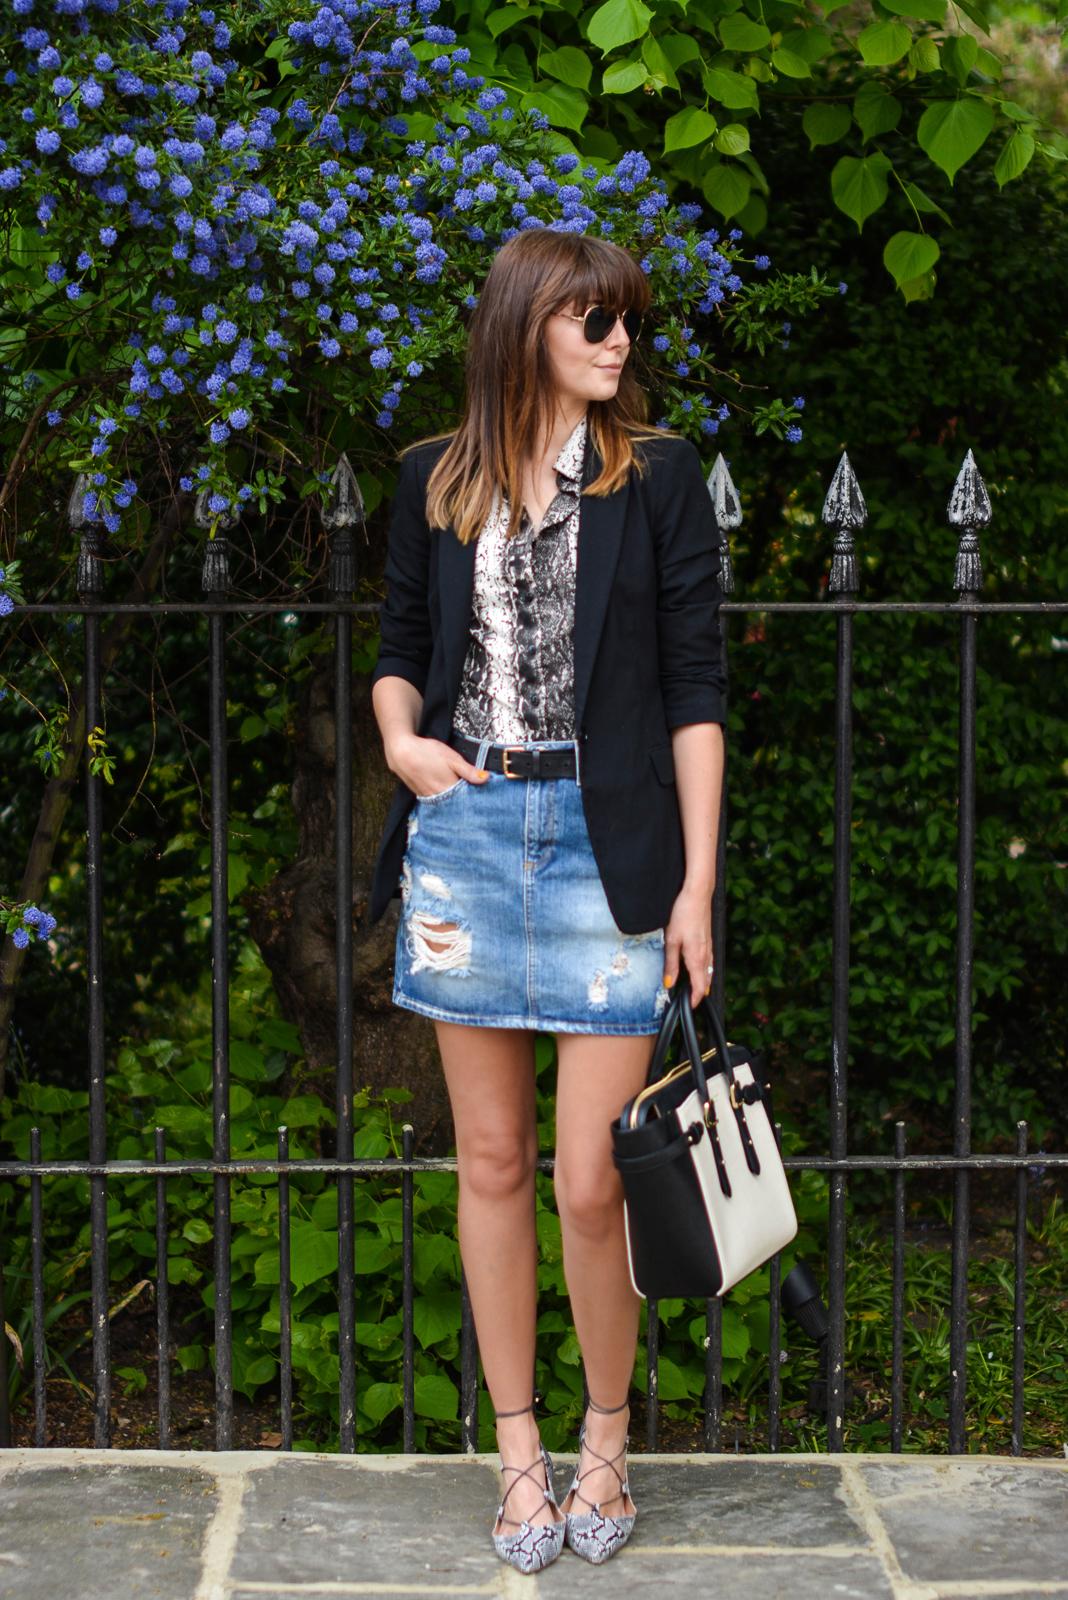 EJSTYLE - Aspinal bag, Topshop snake pointed lace up flats, snakskin print shirt, black blazer, denim mini skirt, OOTD